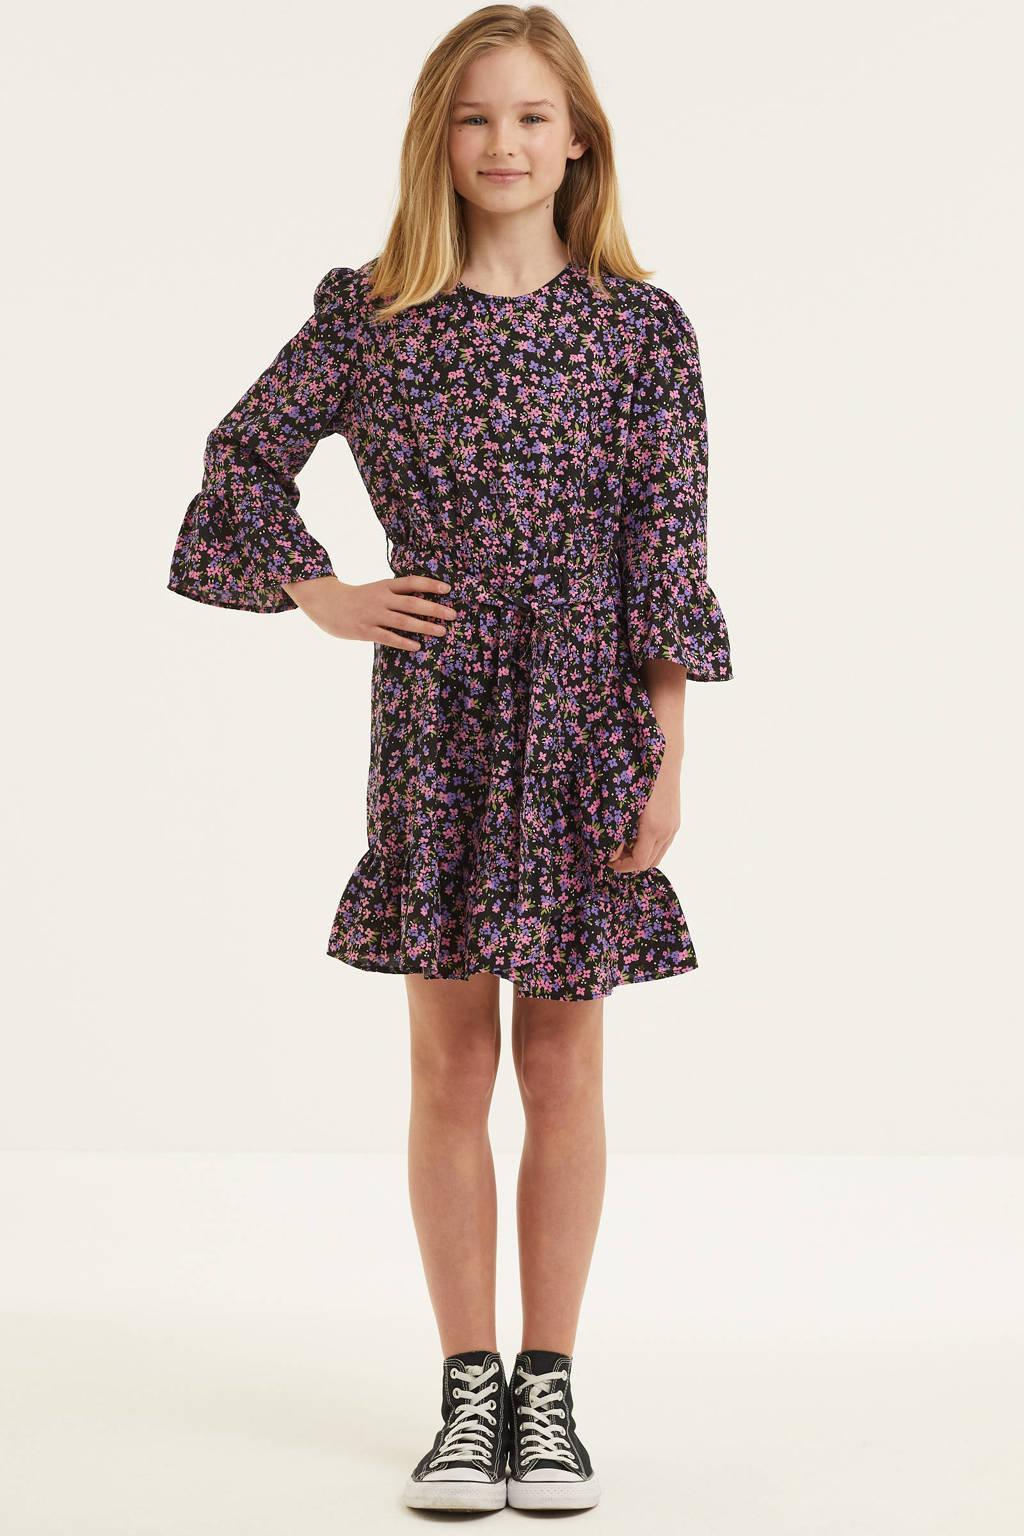 KIDS ONLY jurk Linn met all over print en ruches zwart/roze/paars, Zwart/roze/paars